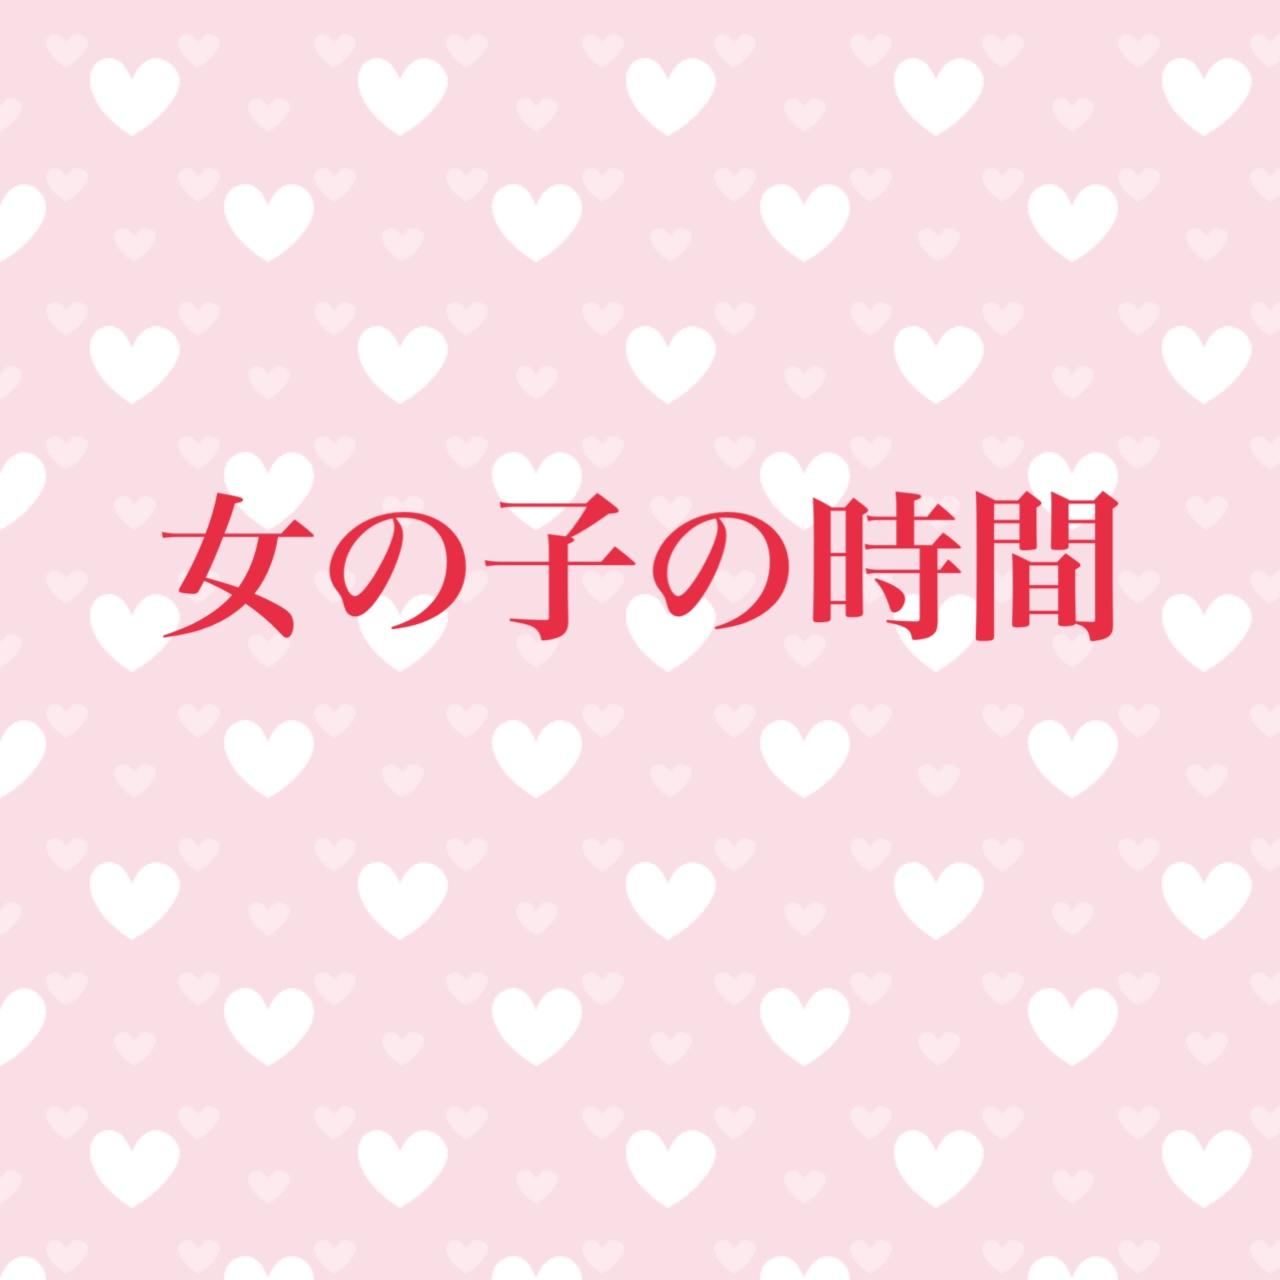 【劇場】2月27日14:45〜女子ライブ